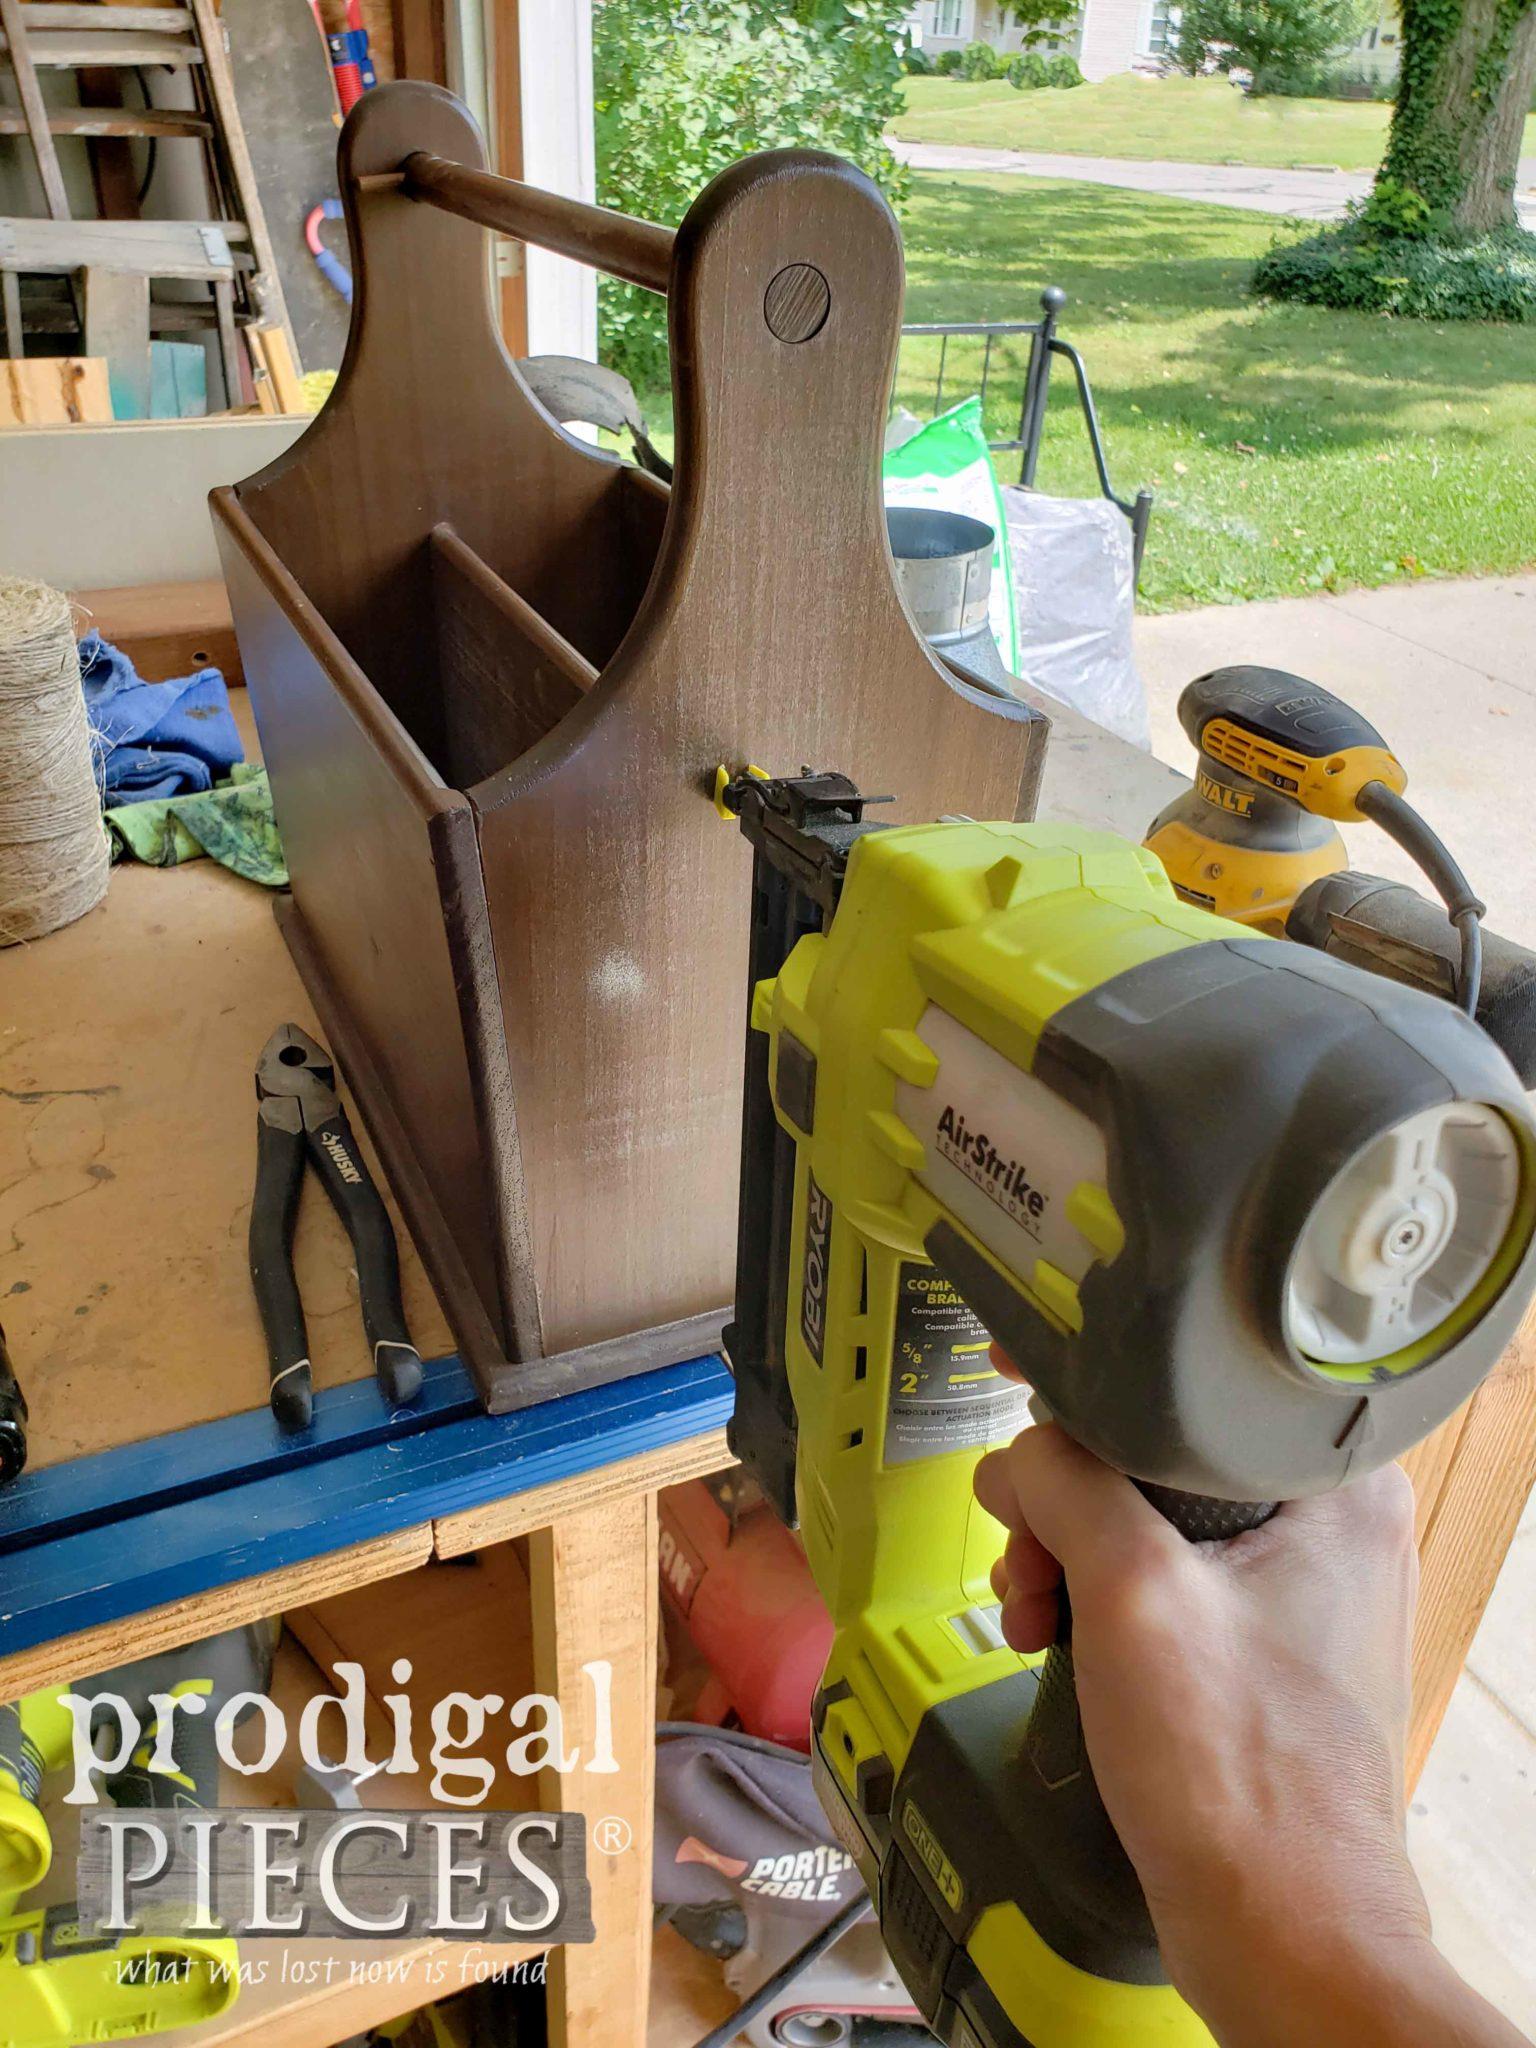 Ryobi AirStrike Nailer for Magainze Rack Repair | prodigalpieces.com